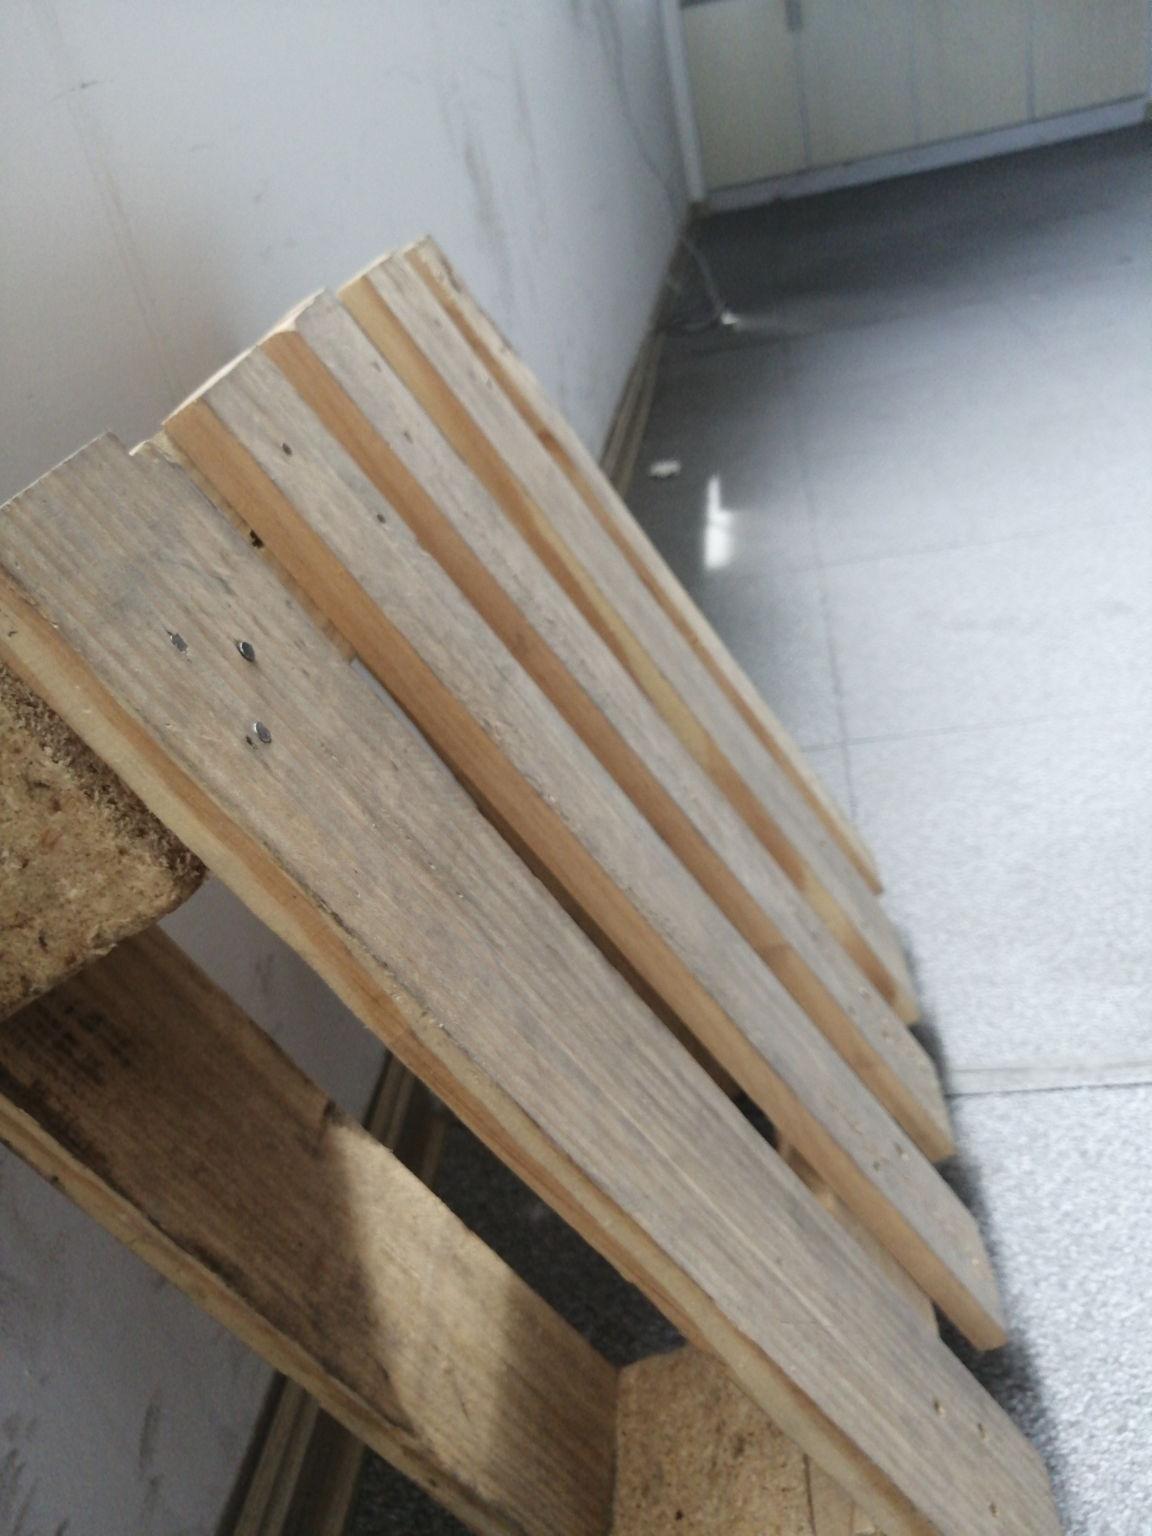 嘉兴销售标准木托盘质量怎么样